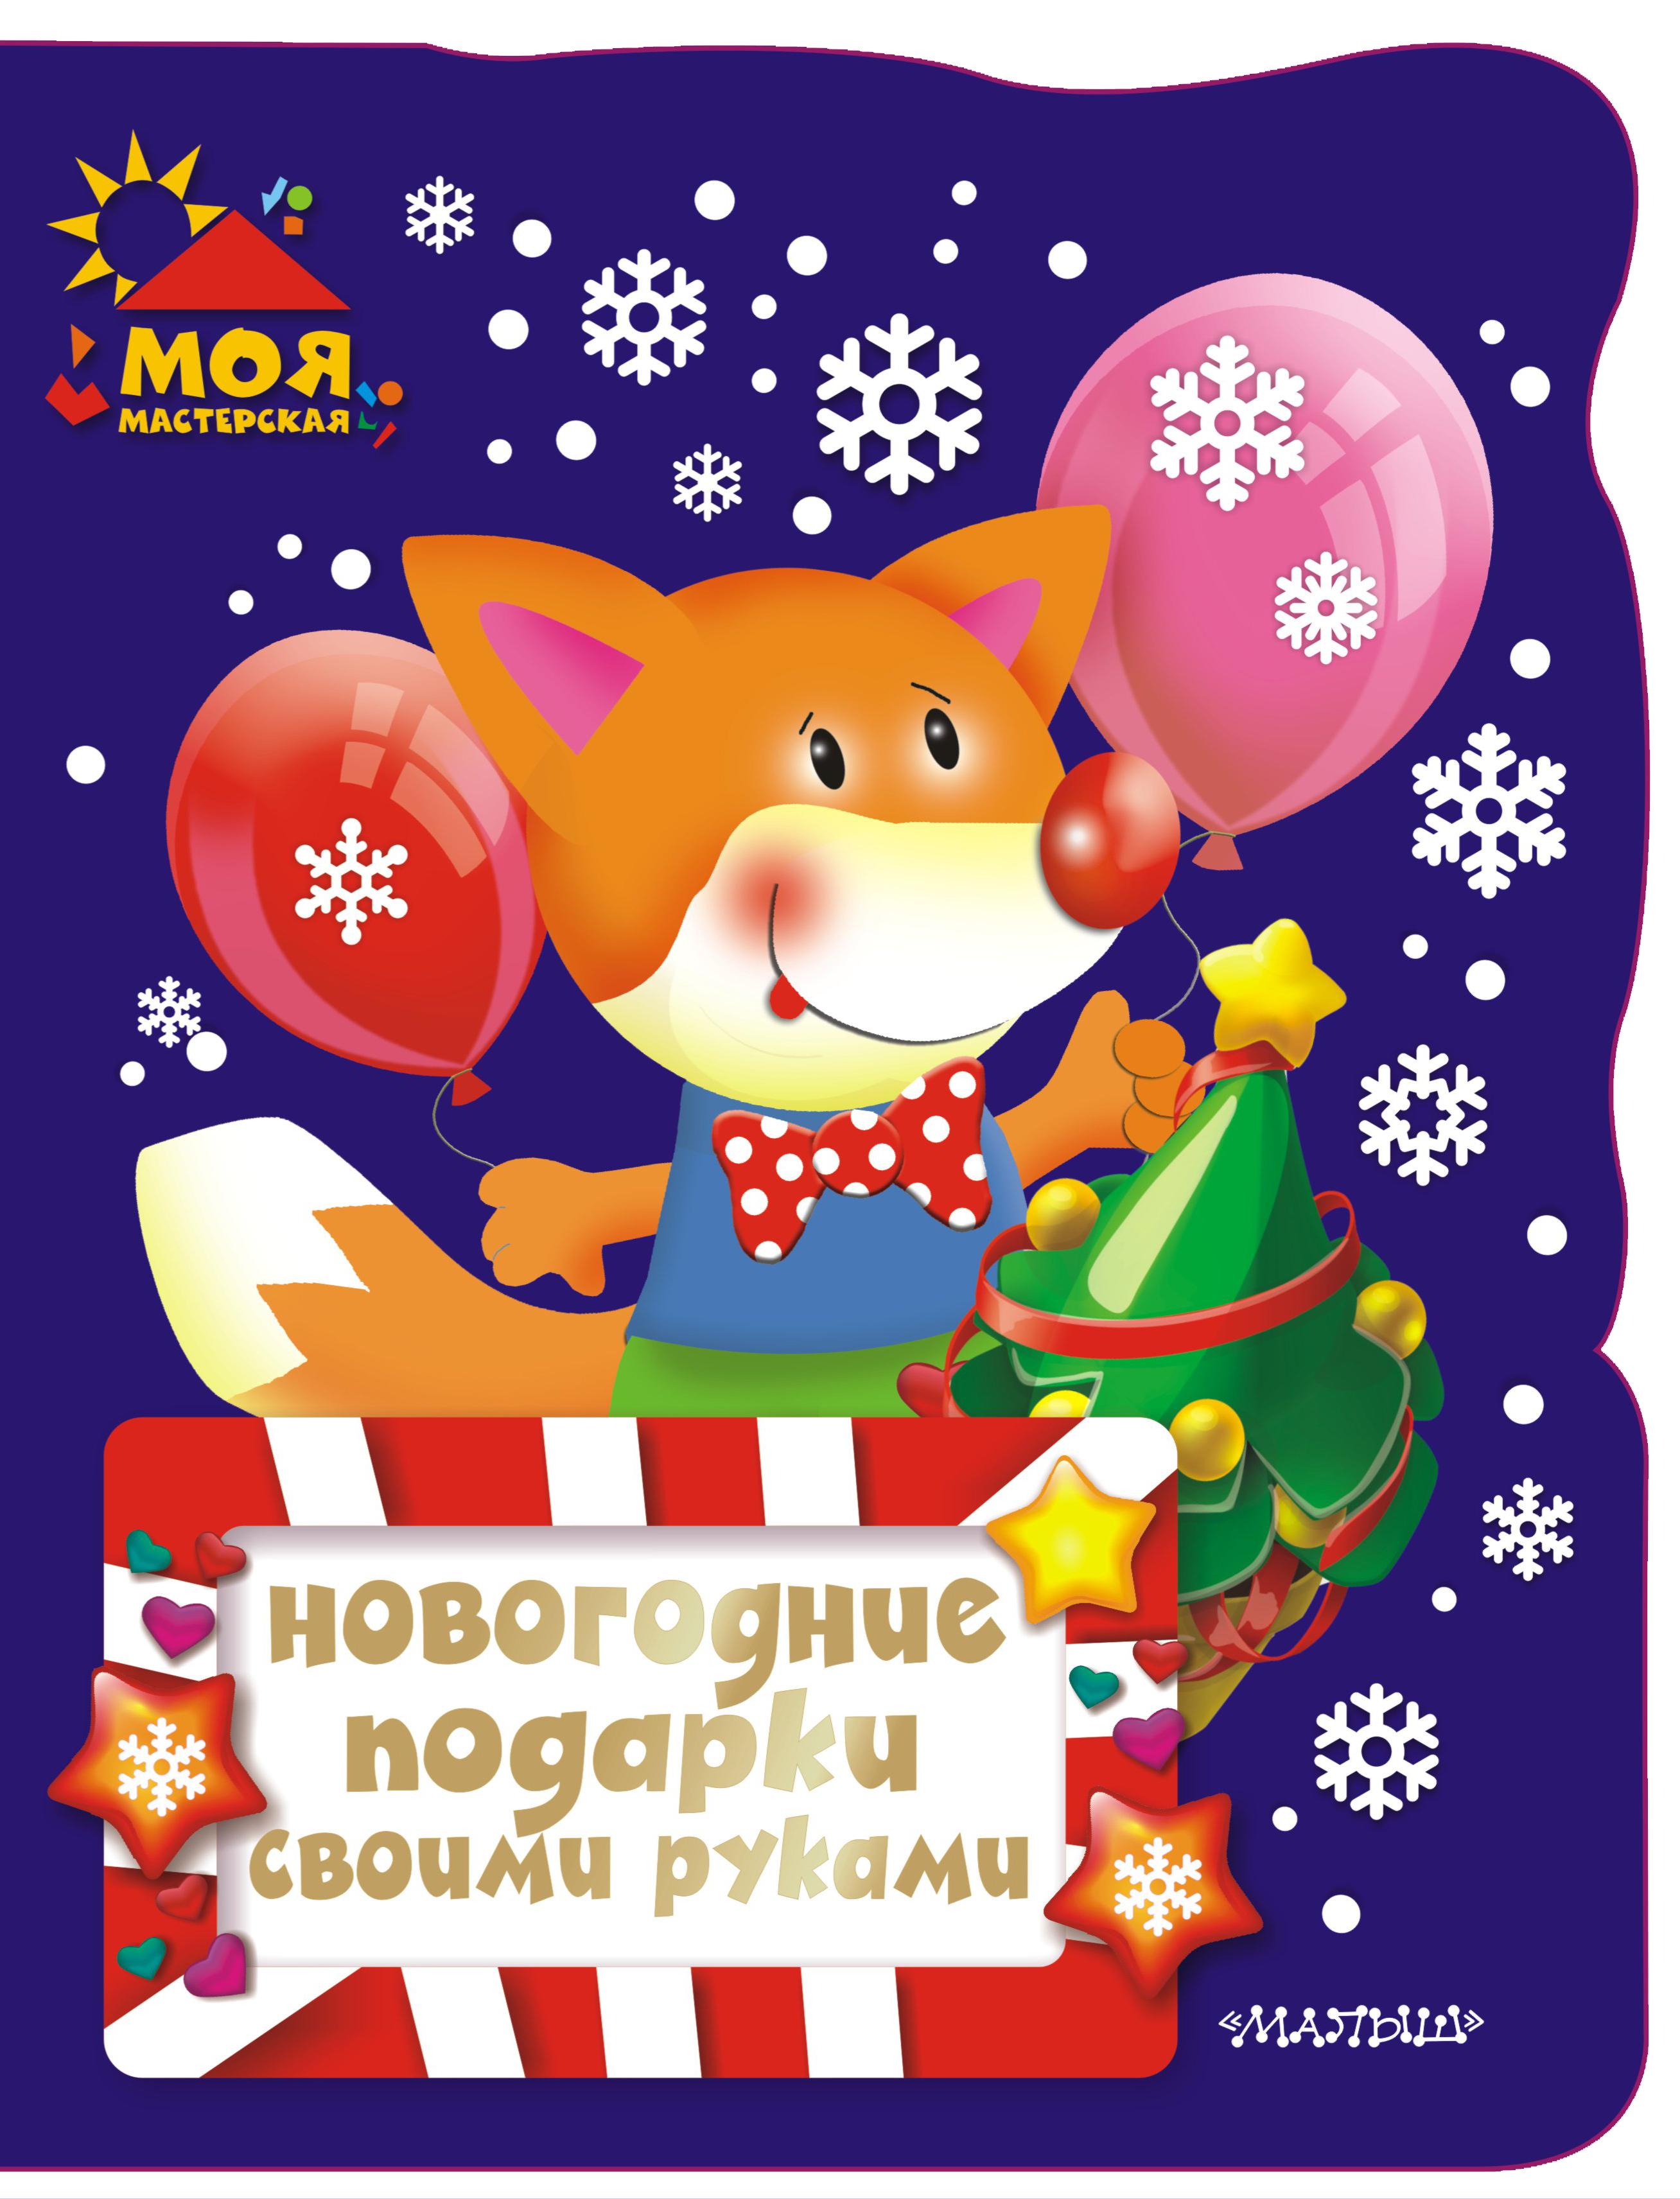 . Новогодние подарки своими руками анастасия данилова пасхальные украшения и подарки своими руками